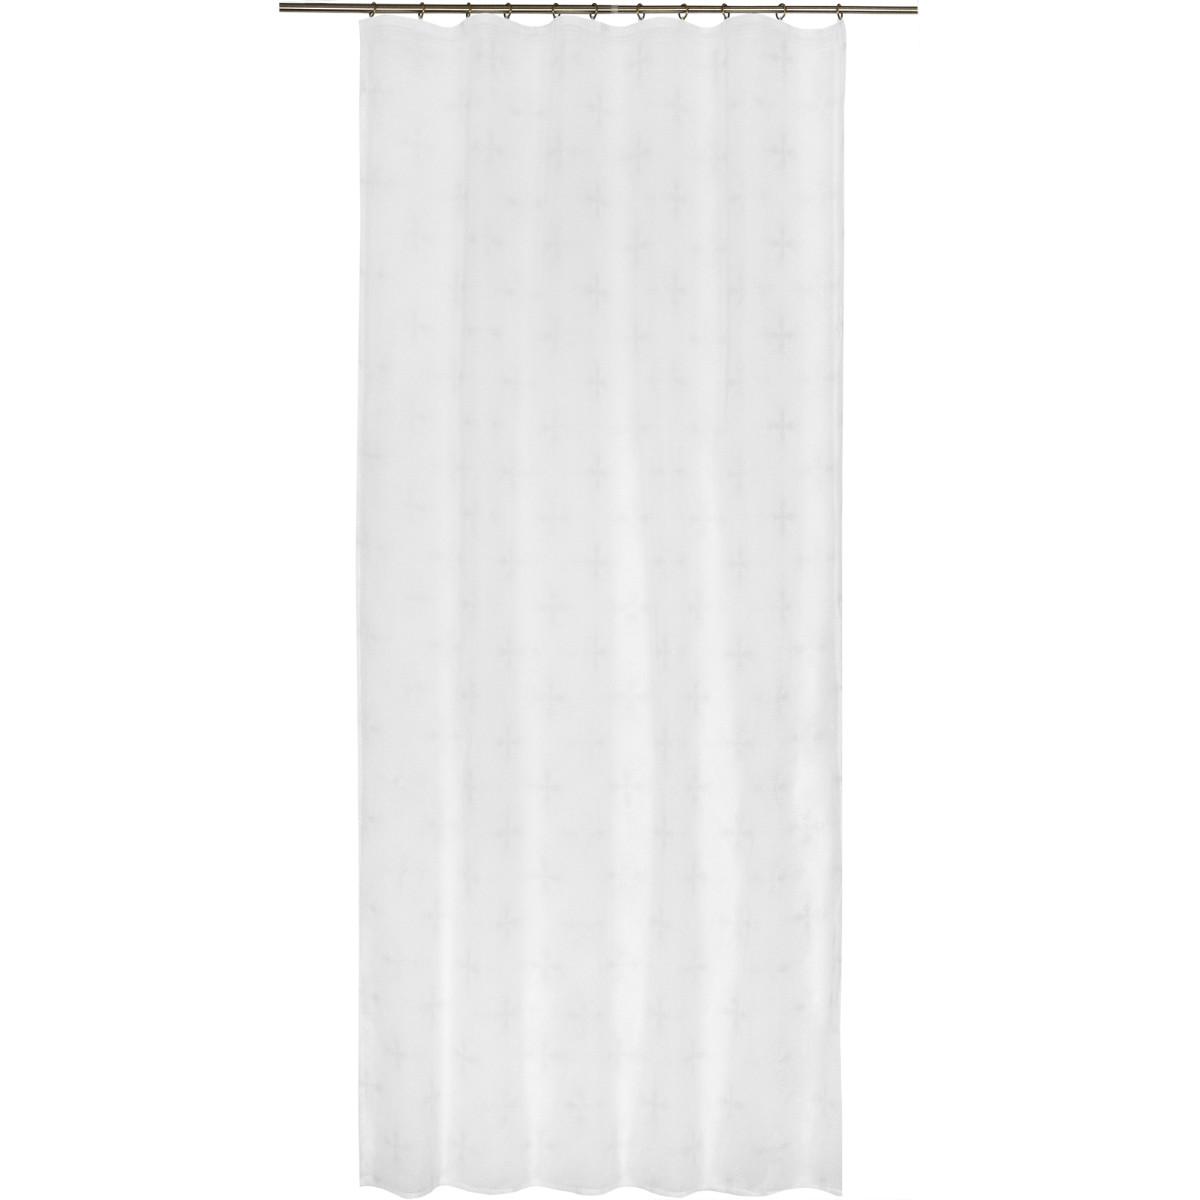 Тюль на ленте Ananzieta 140х260 см цвет белый